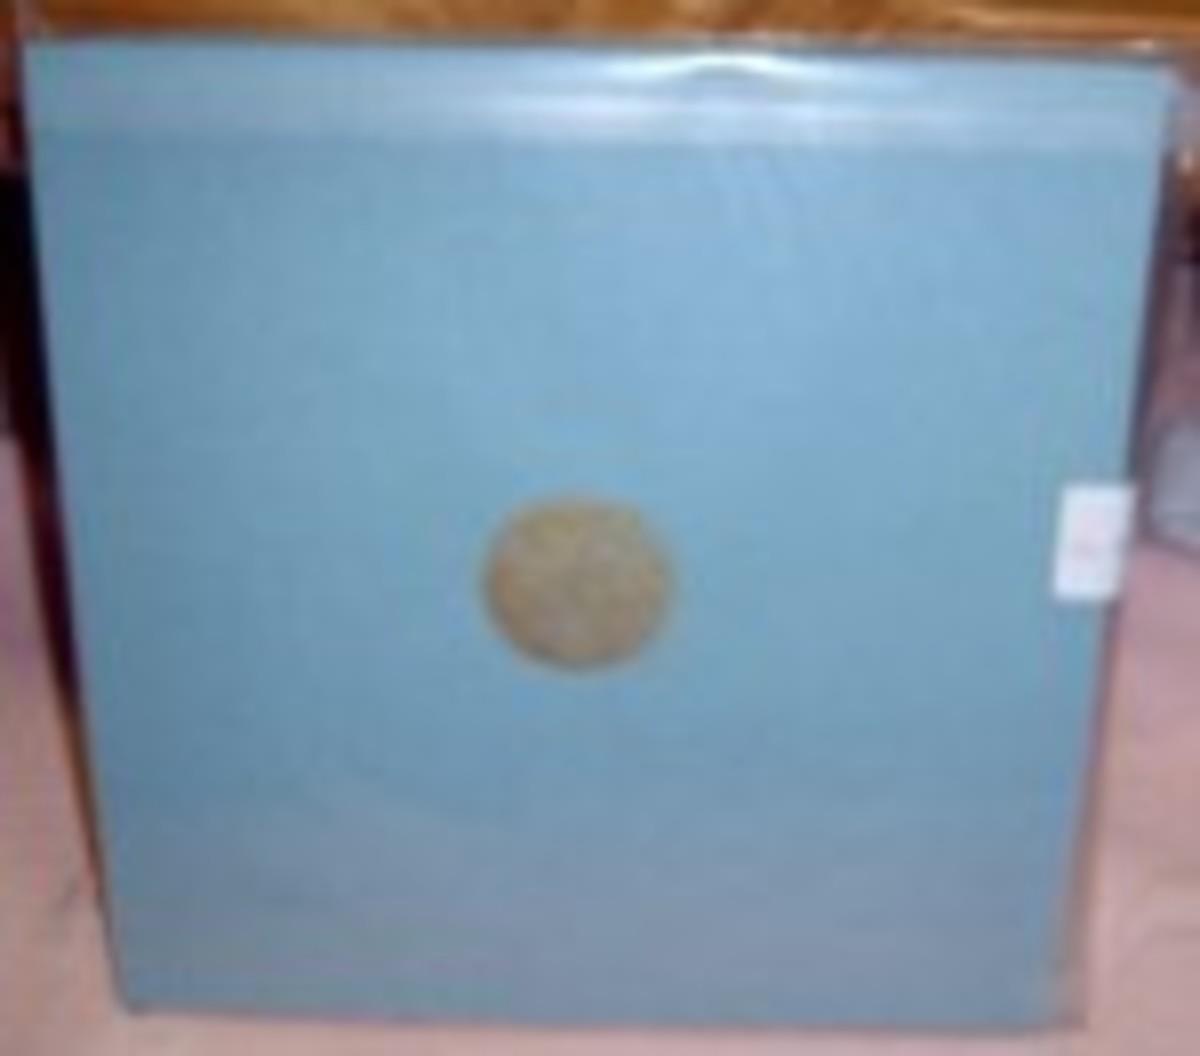 Andre Levy Jeanne Gautier L'archet d'Or 45 RPM test pressing set